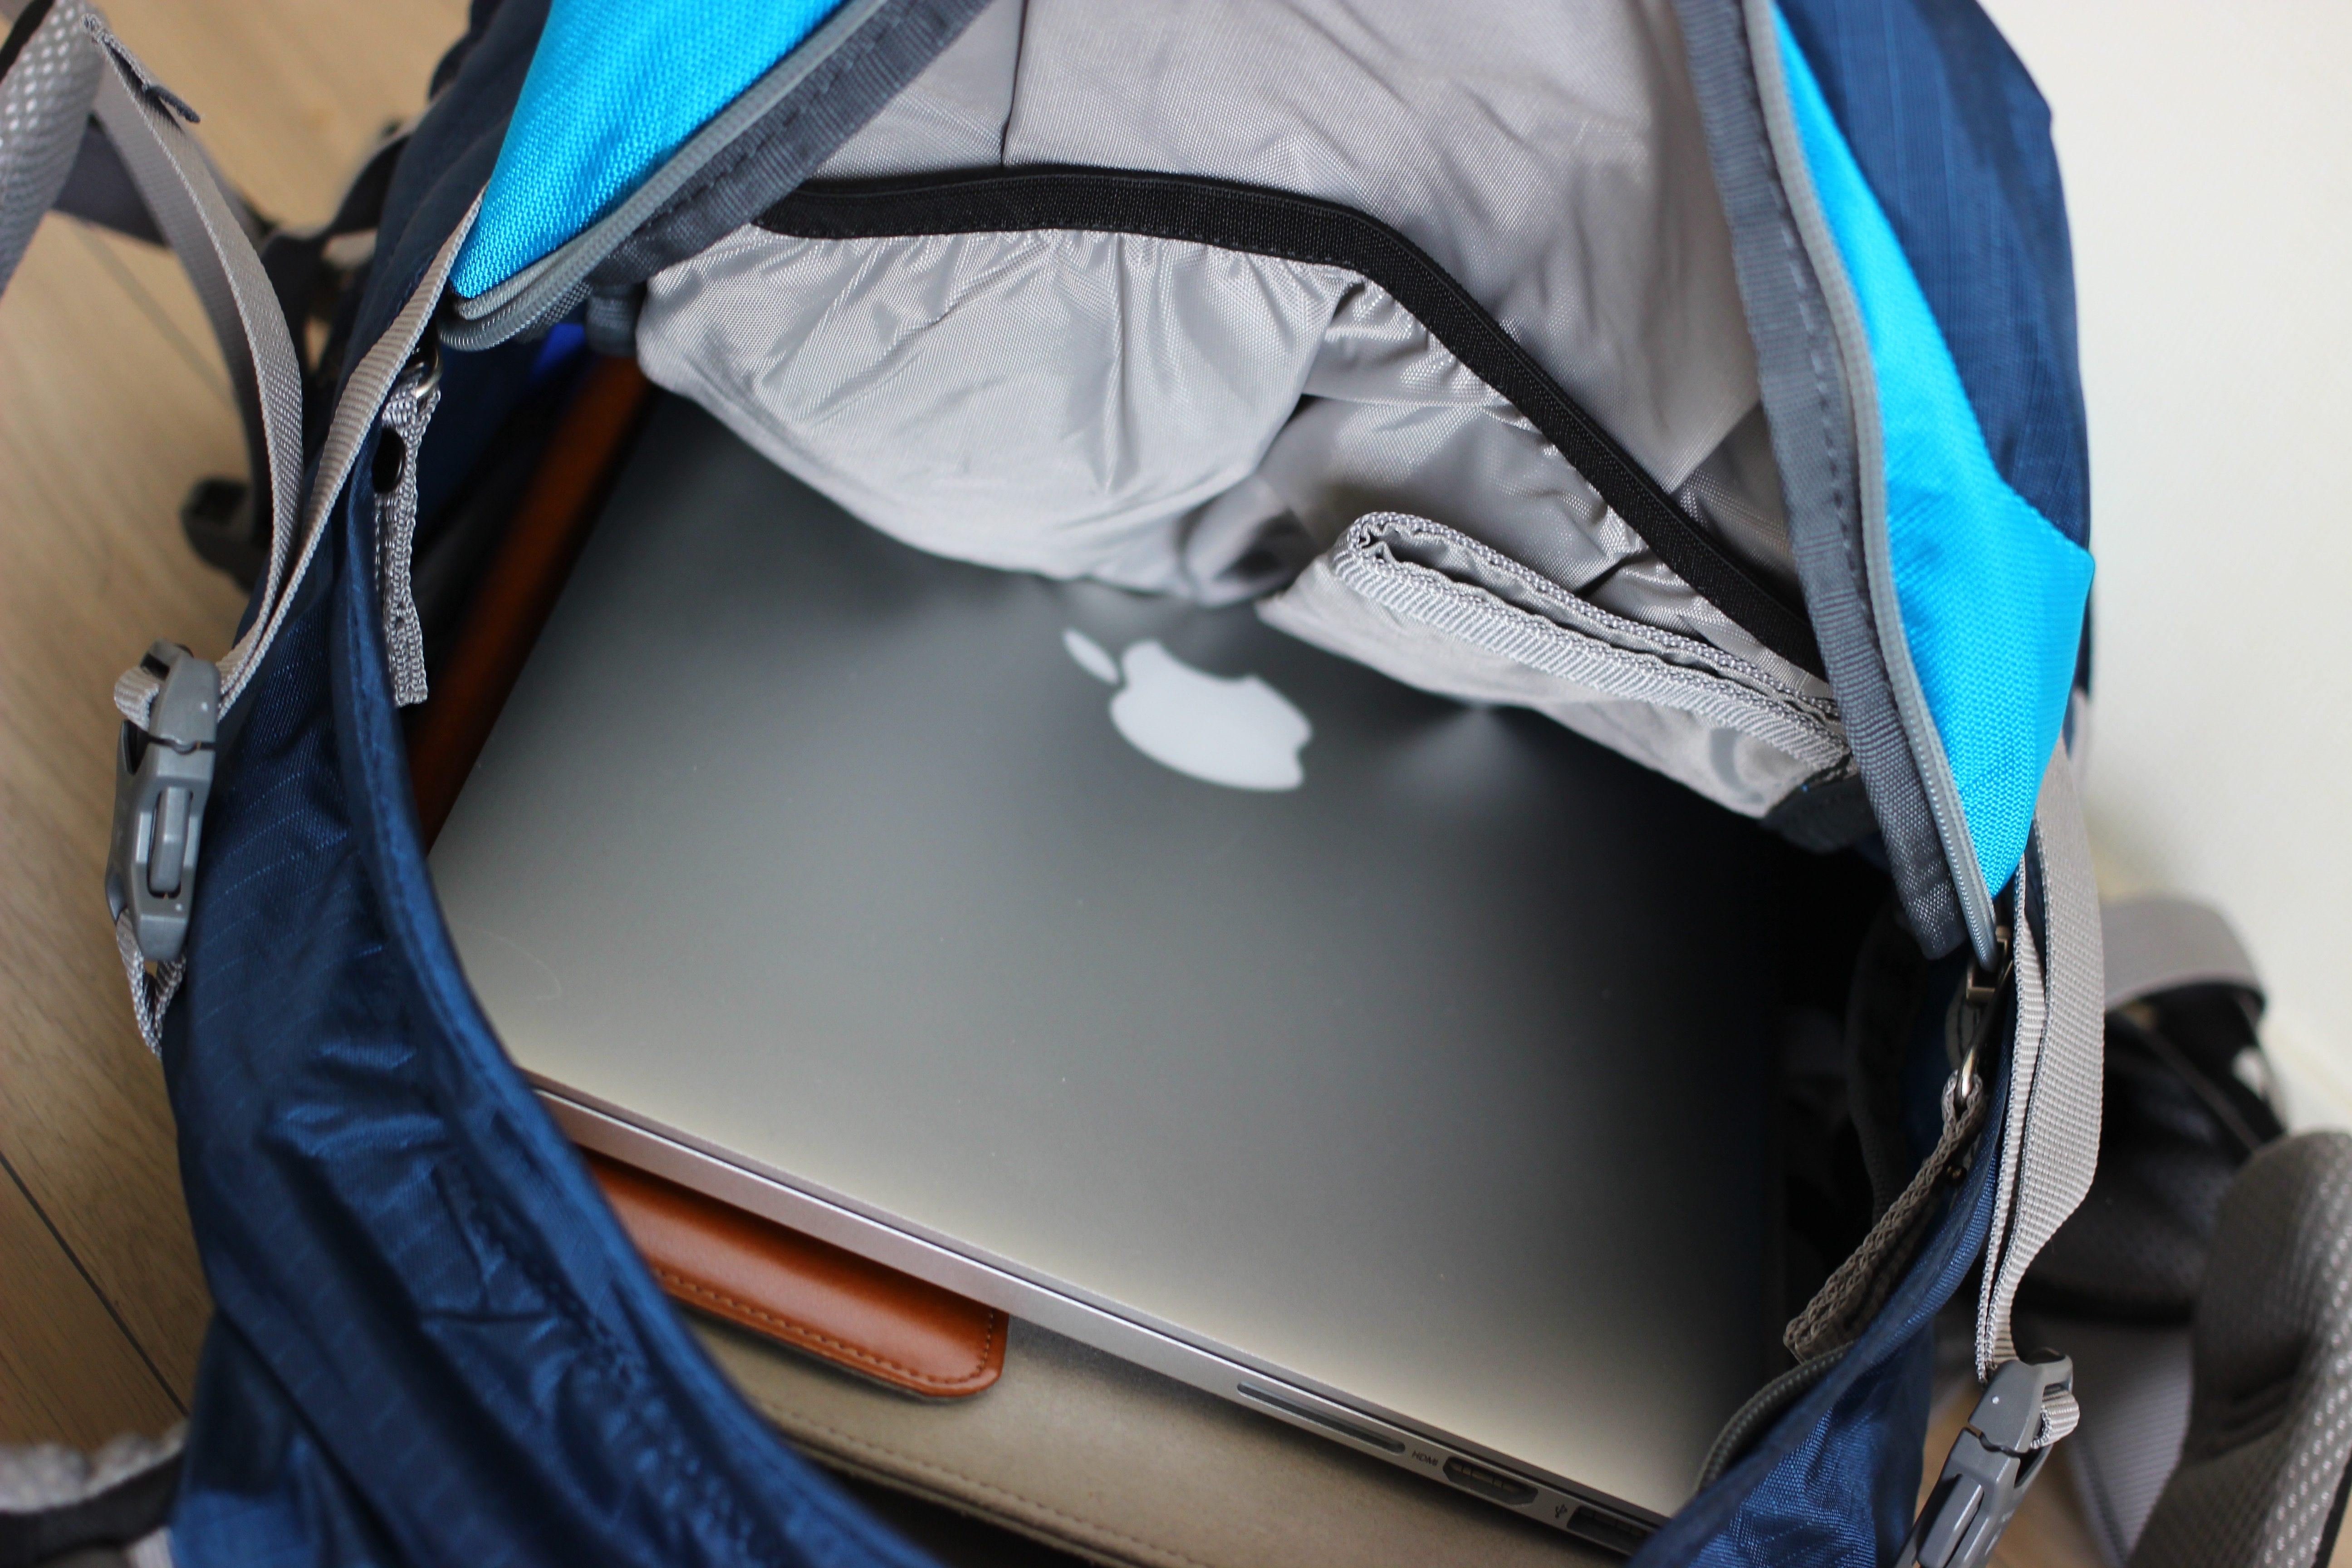 MacBookがピッタリ入るサイズのサイクリング用バッグ